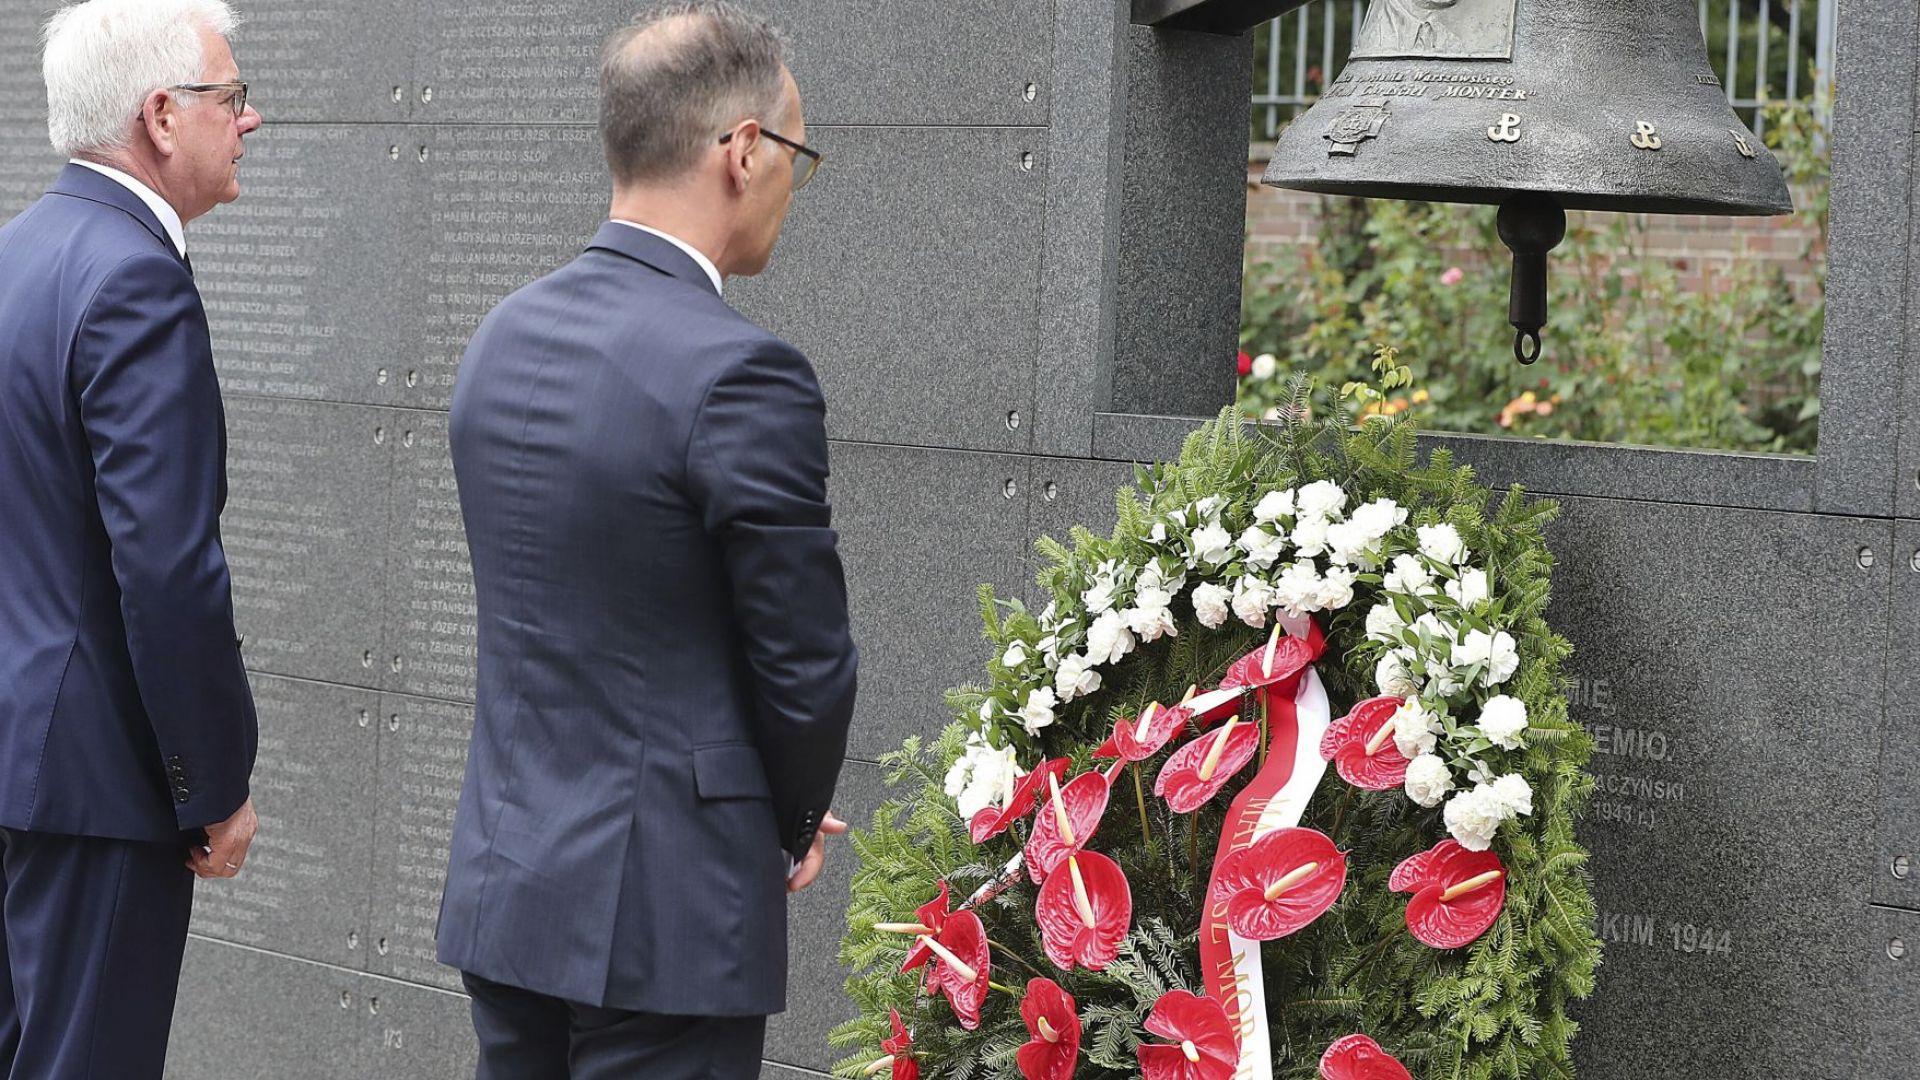 Германия иска прошка от Полша , но отказва репарации